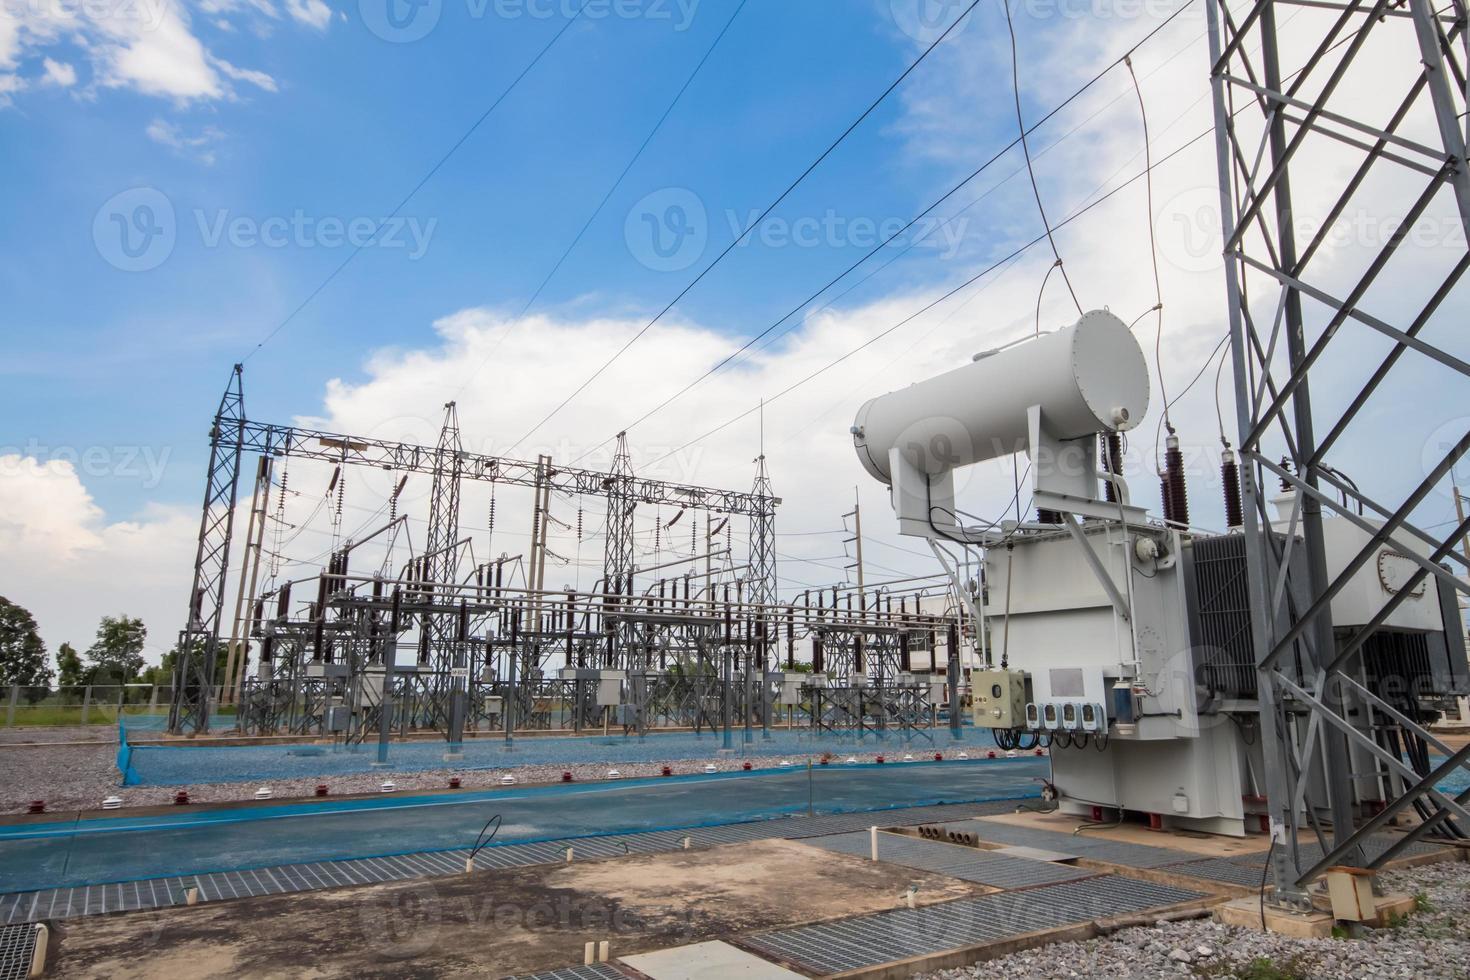 transformateur de puissance dans la sous-station 115 kv / 22 kv photo